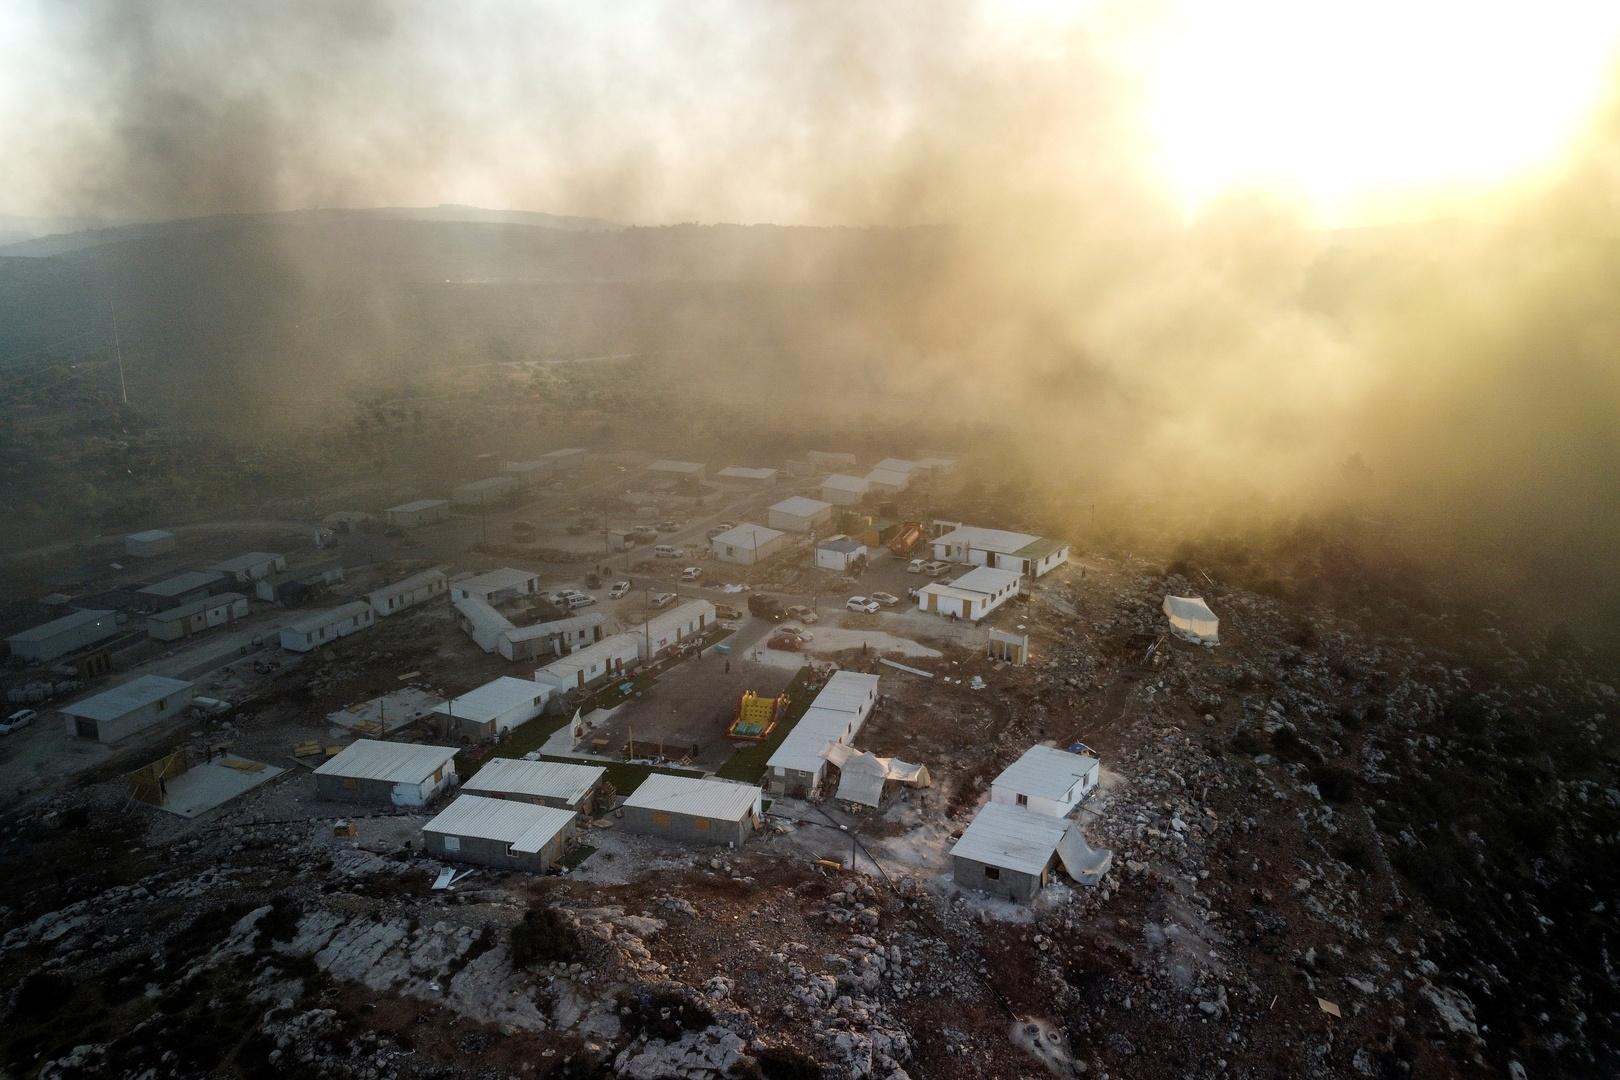 الاتفاق على إخلاء مستوطنة جبل صبيح جنوب نابلس